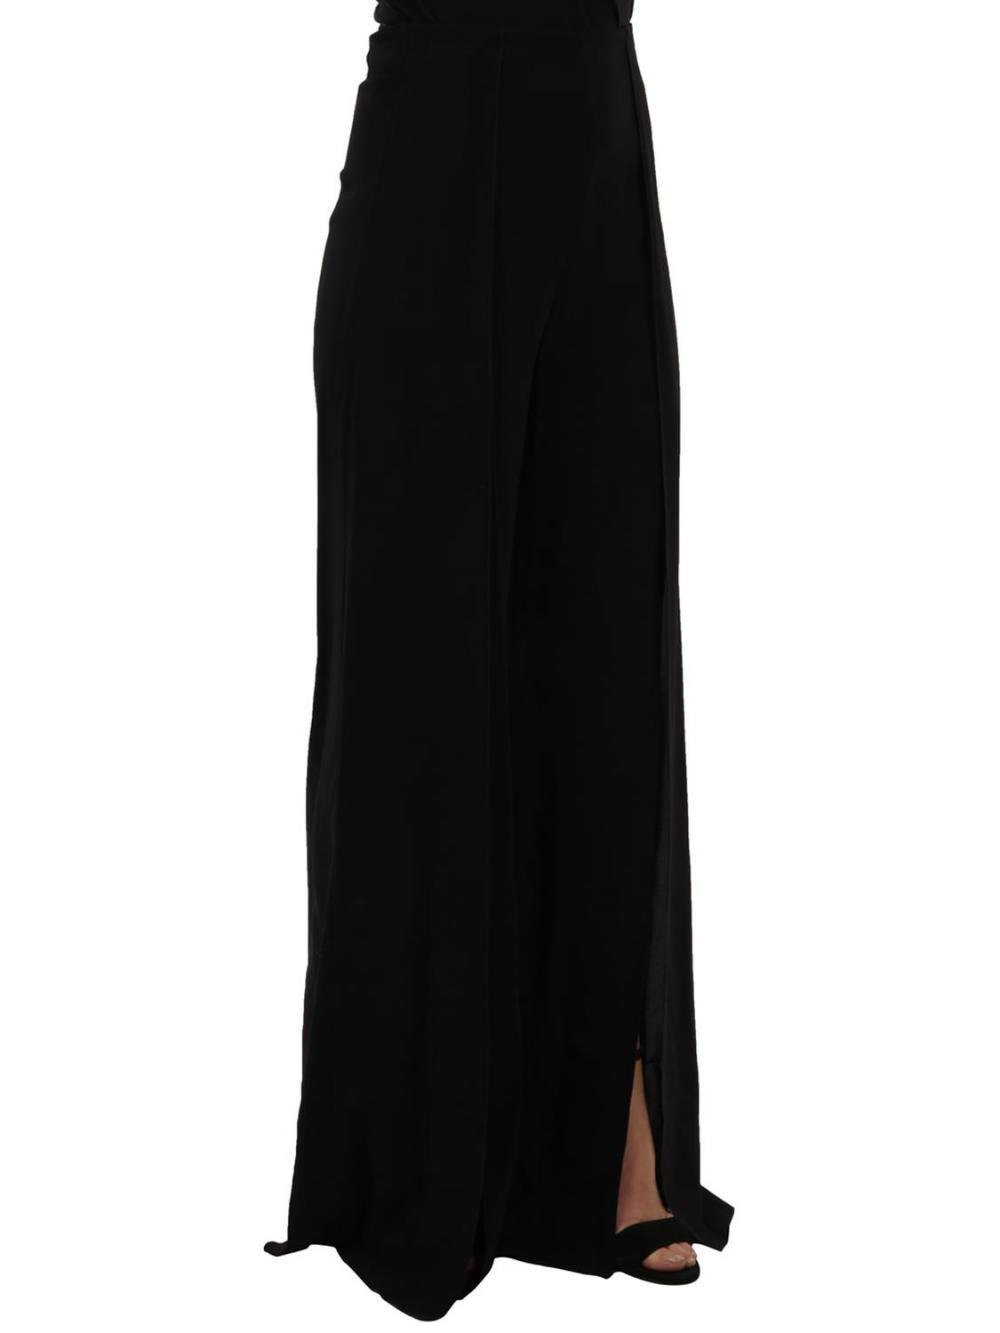 pantalone-in-misto-viscosa-donna-patrizia-pepe-cod-2p1082